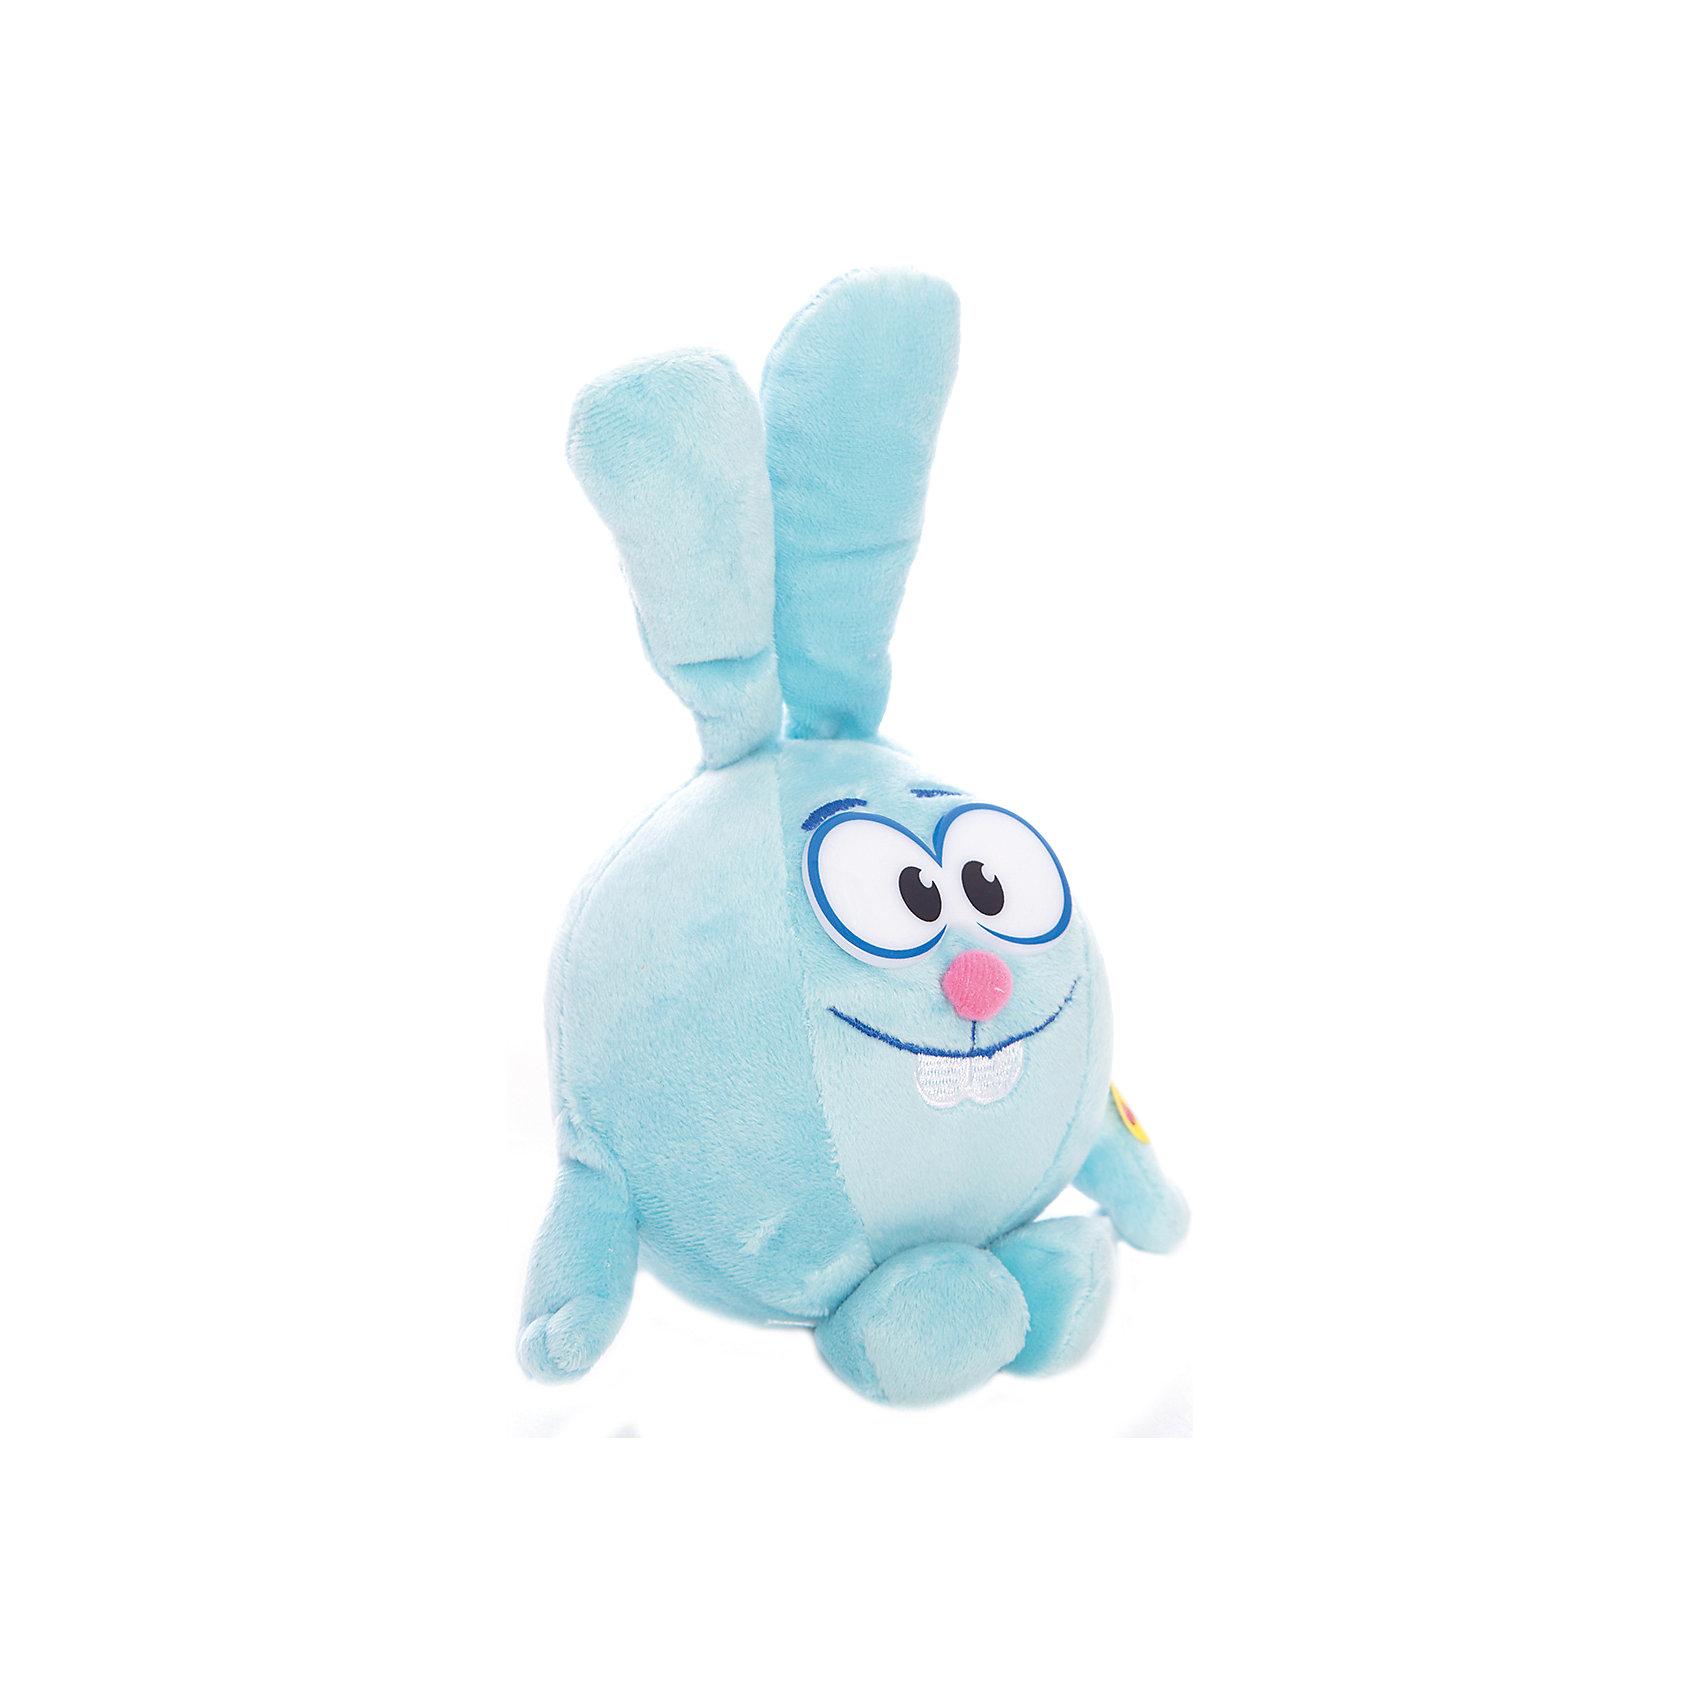 Мягкая игрушка Крош, Смешарики, МУЛЬТИ-ПУЛЬТИЛюбимые герои<br>Мягкая игрушка Крош, Смешарики, МУЛЬТИ-ПУЛЬТИ – это игрушка-приятель персонаж популярного российского мультфильма.<br>Мягкая игрушка Крош из мультфильма Смешарики, станет незаменимым другом вашего малыша. Ребенок с ним никогда не соскучится, потому что Крош умеет произносить веселые фразы. Игрушка выполнена из мягкого плюшевого материала.<br><br>Дополнительная информация:<br><br>- Размер игрушки: 10 см.<br>- Материал: плюш, синтепон, текстиль<br>- Батарейки: 3 х LR44 (входят в комплект)<br><br>Мягкую игрушку Крош, Смешарики, МУЛЬТИ-ПУЛЬТИ можно купить в нашем интернет-магазине.<br><br>Ширина мм: 100<br>Глубина мм: 100<br>Высота мм: 100<br>Вес г: 150<br>Возраст от месяцев: 12<br>Возраст до месяцев: 60<br>Пол: Унисекс<br>Возраст: Детский<br>SKU: 3804873